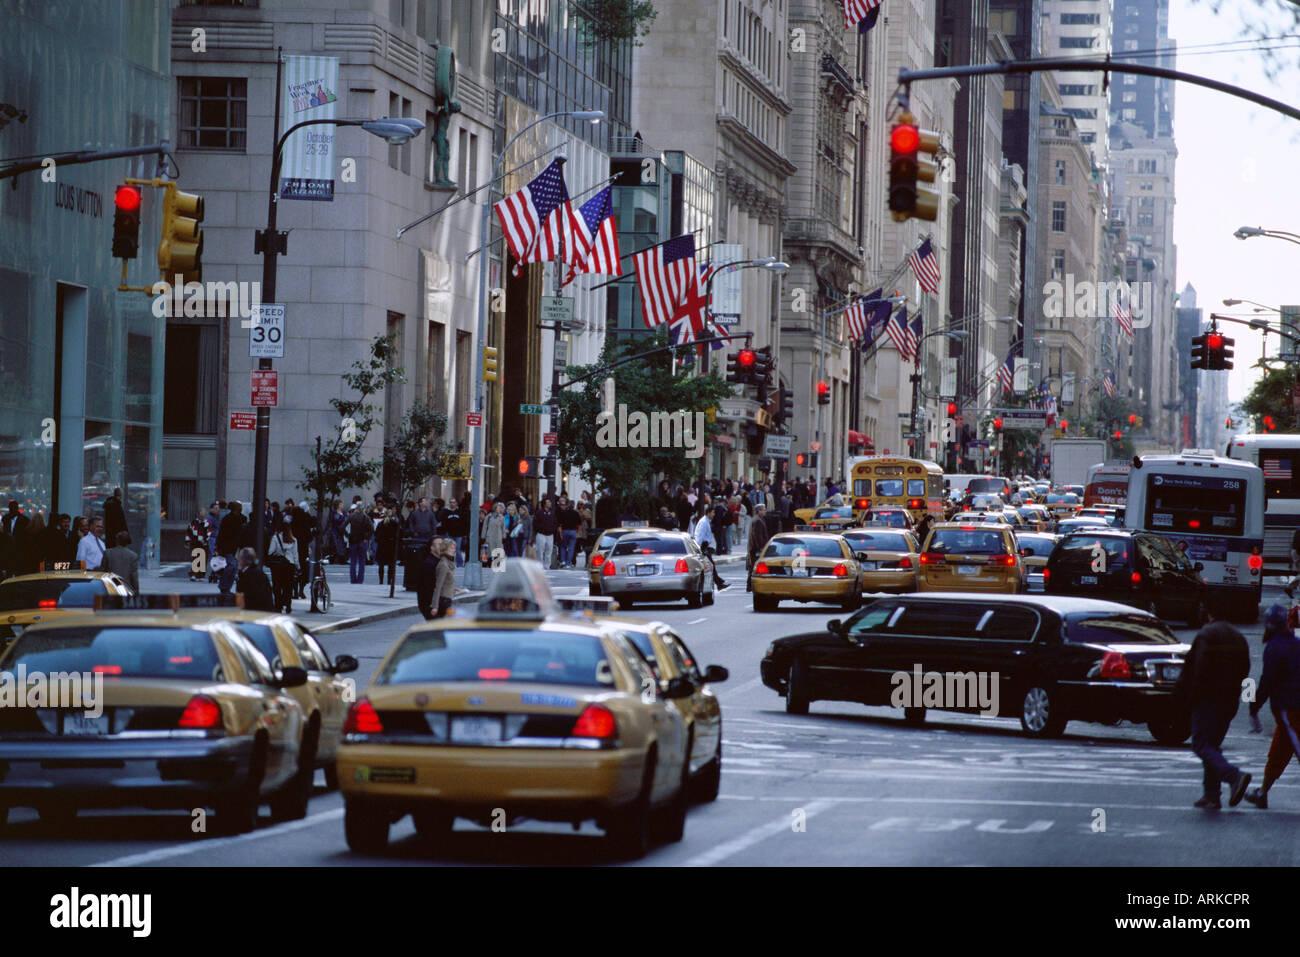 New York City Through the Years